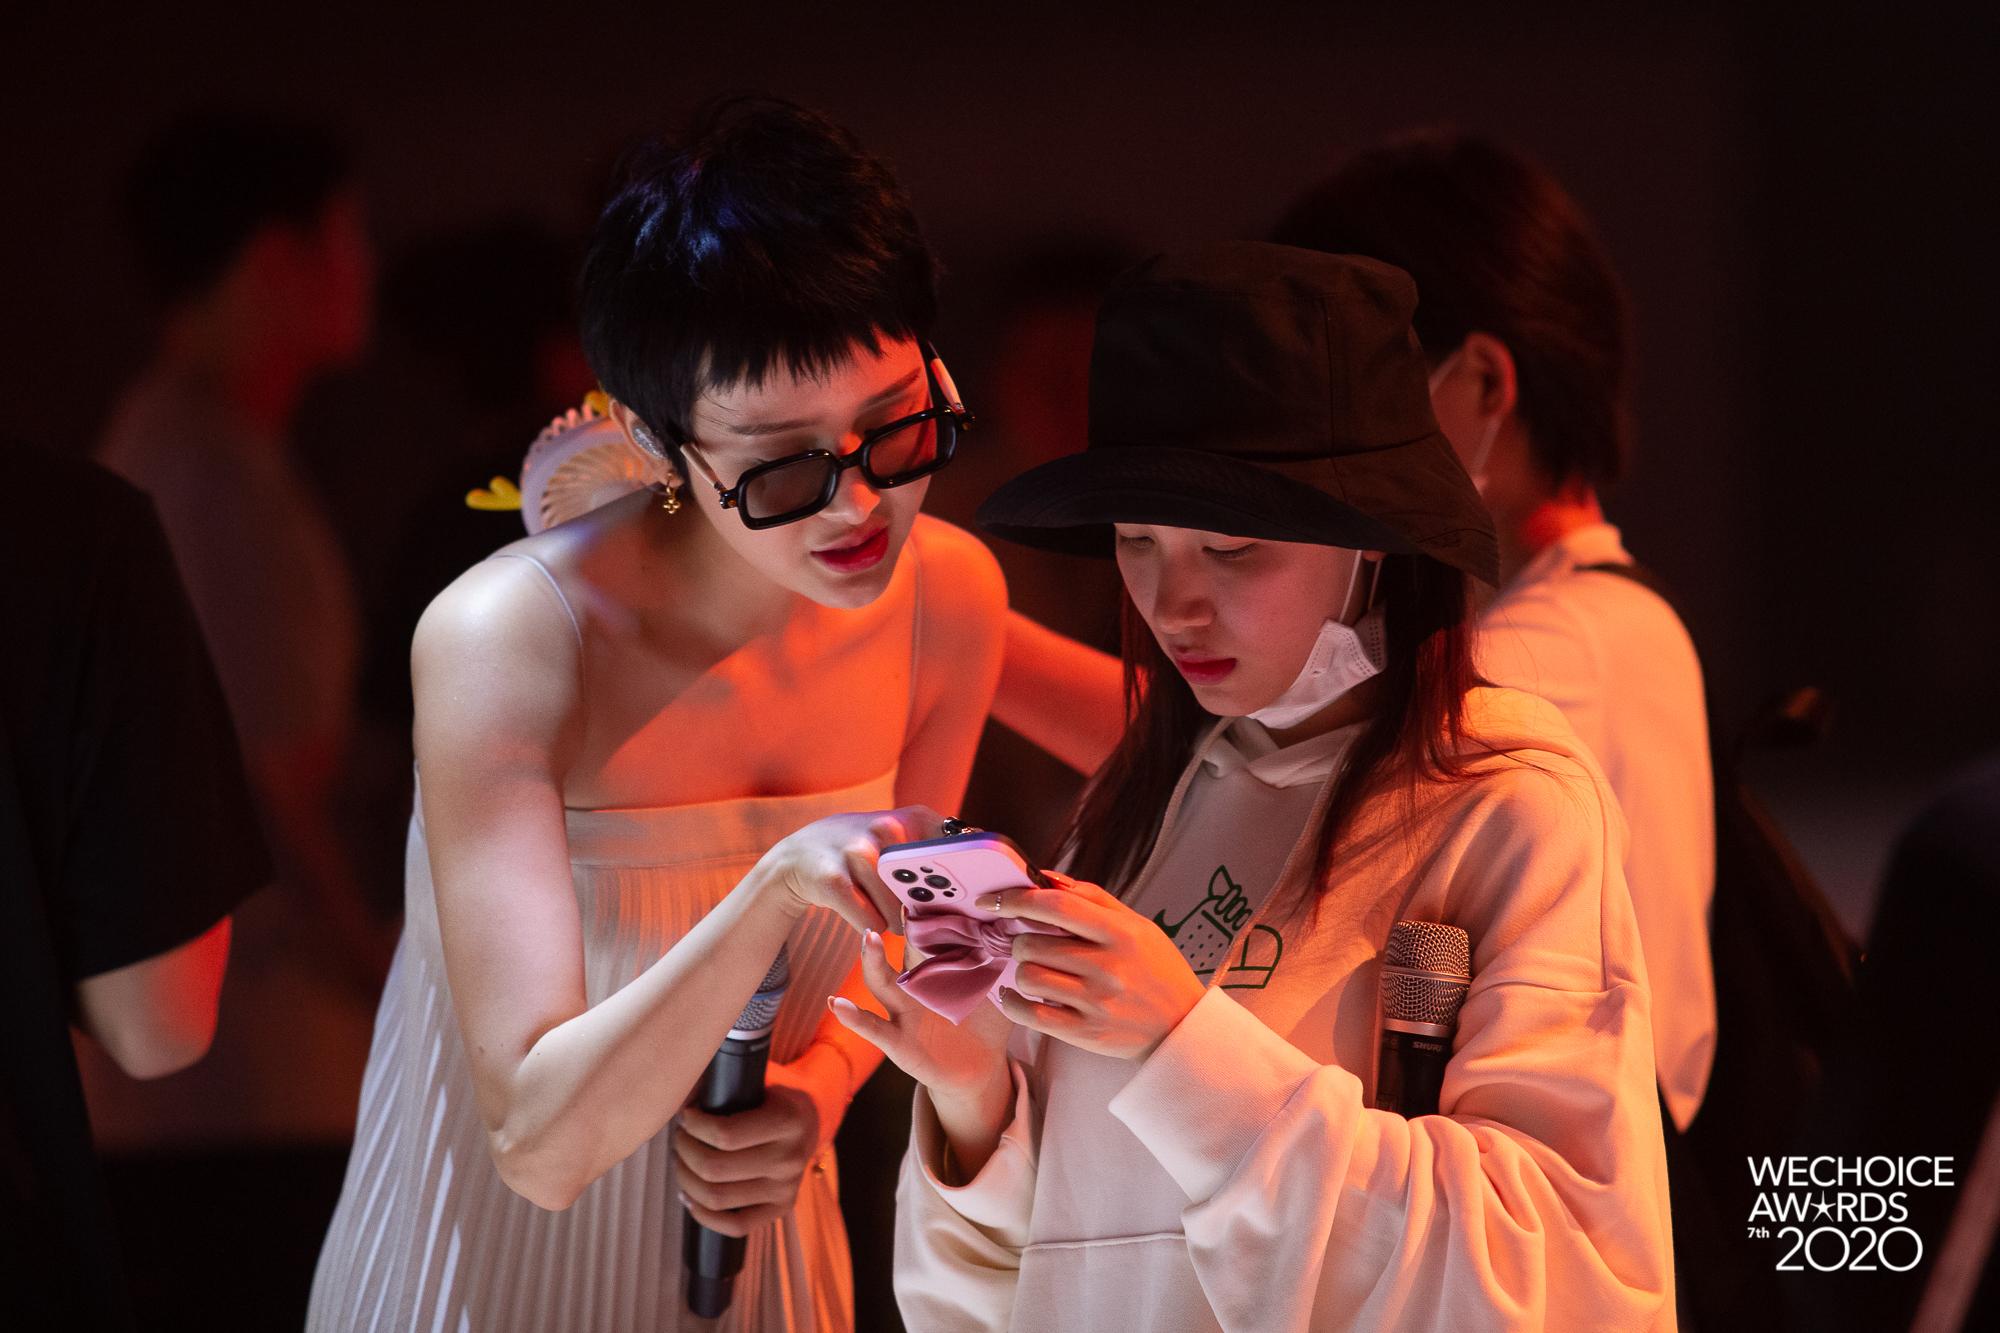 Style sao đi tổng duyệt WeChoice 2020: Hoà Minzy lên đồ trẻ trung không quên đeo khẩu trang, Hiền Hồ đeo kính râm cá tính - Ảnh 3.